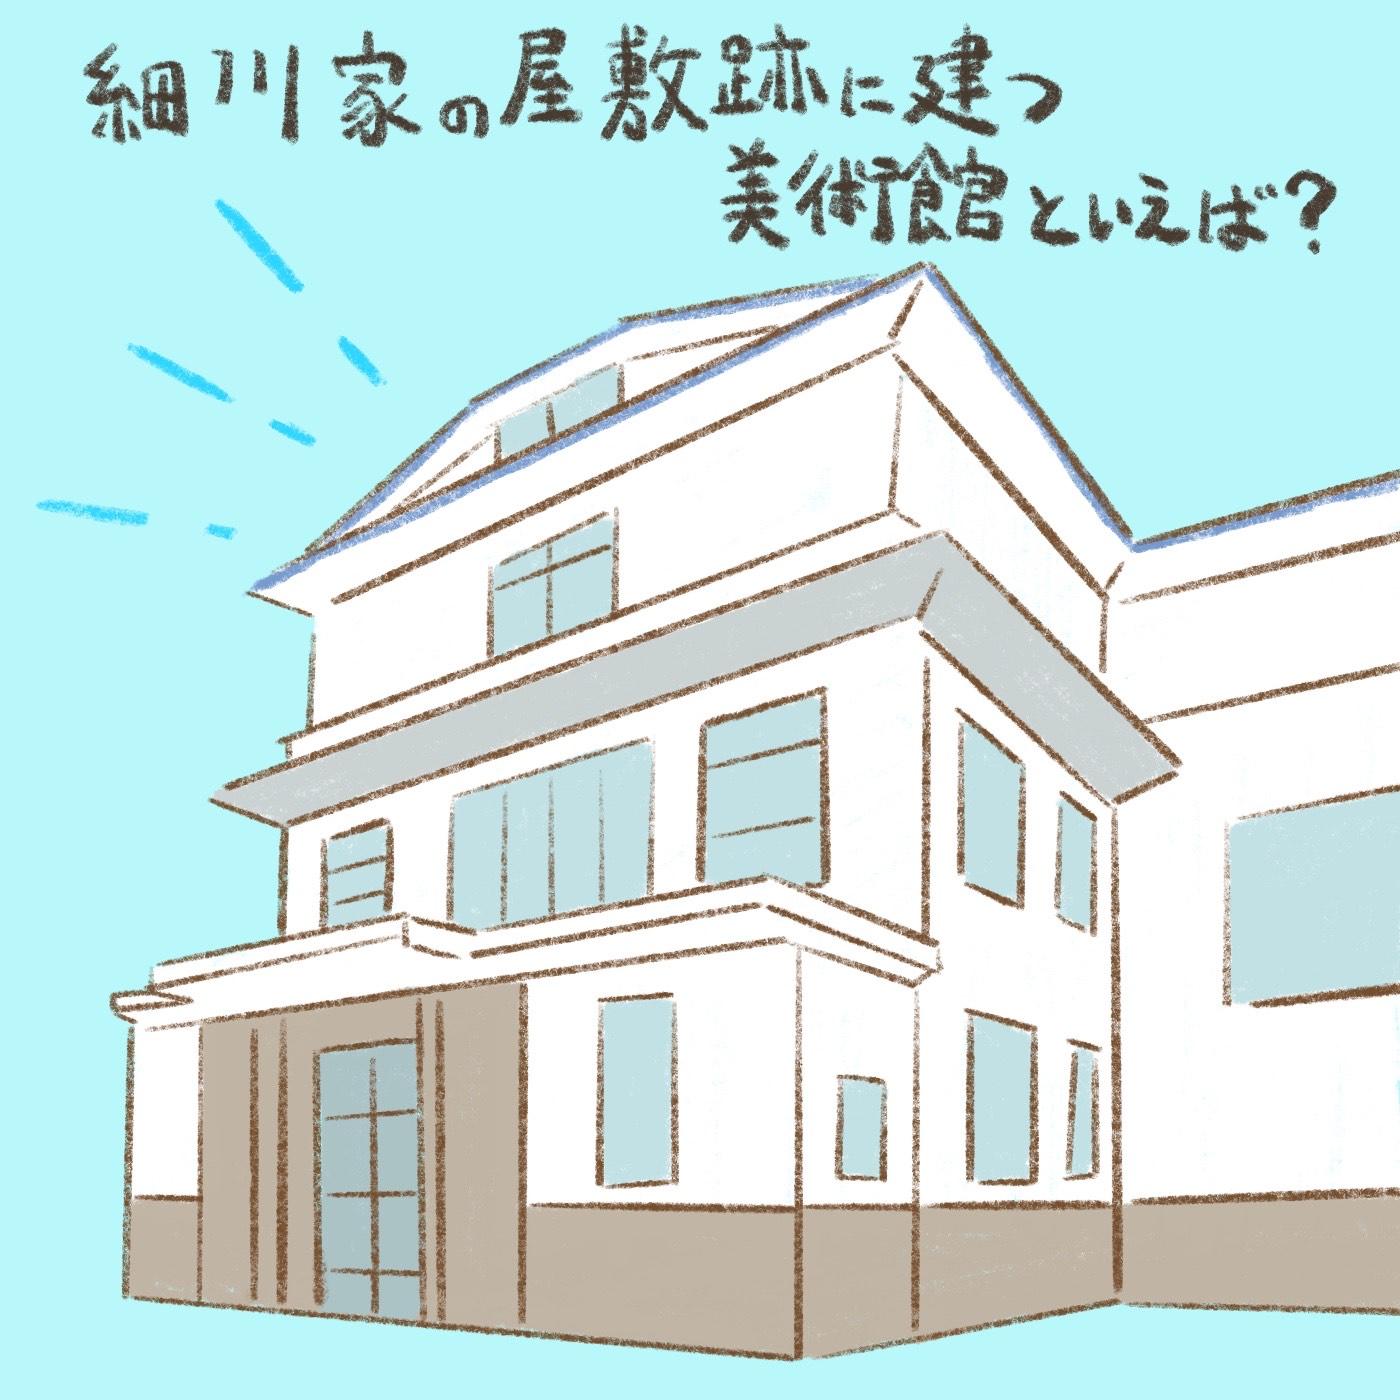 永青文庫 細川家 OBIKAKE ナニソレ